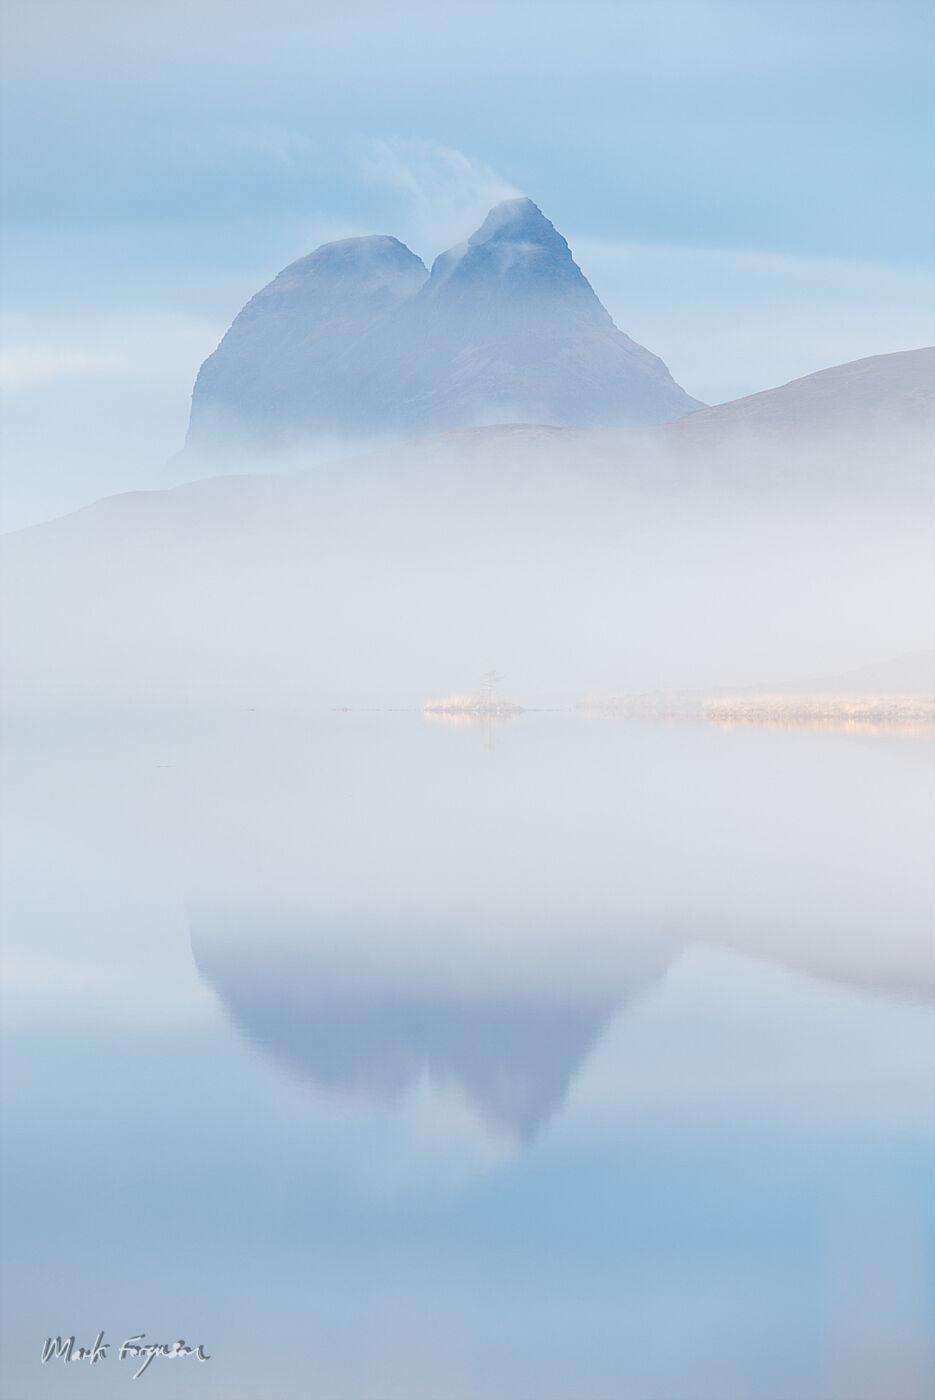 Suilven mist